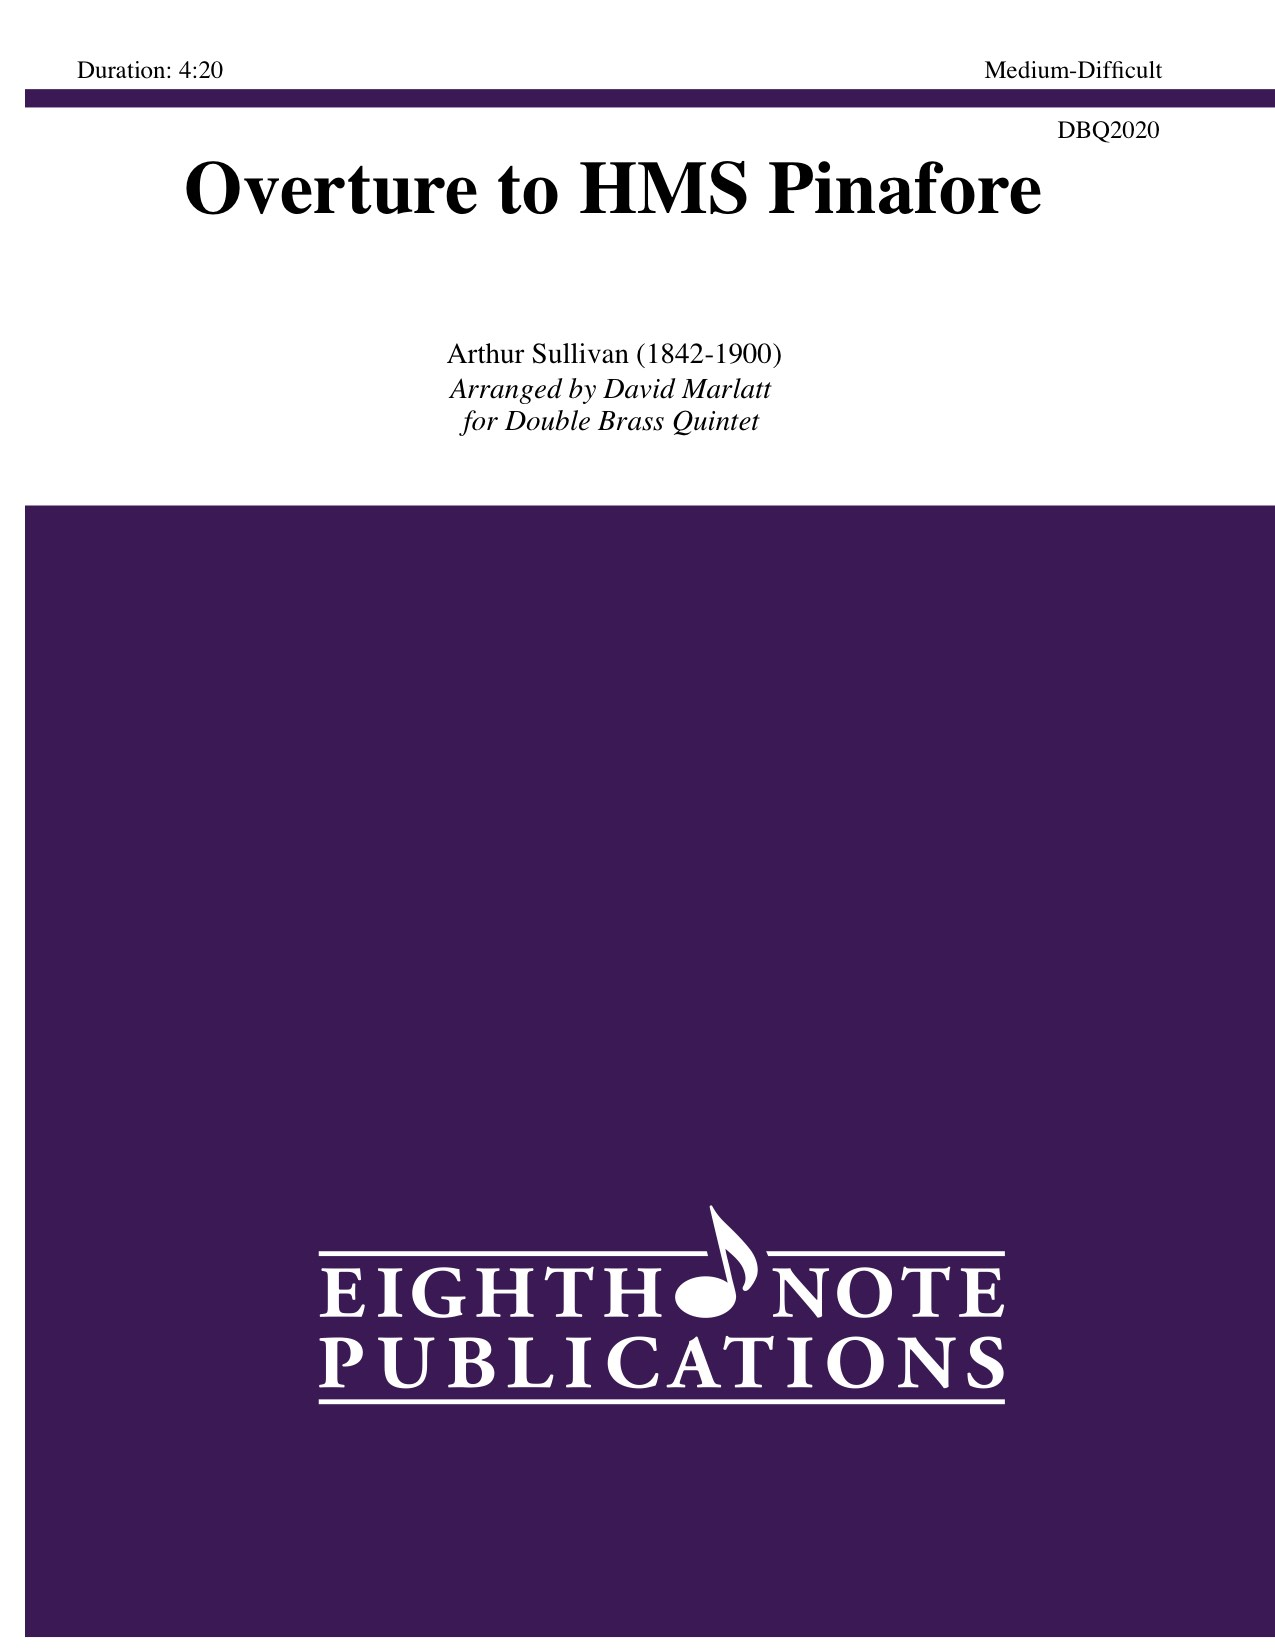 戦艦ピナフォアへの序曲(アーサー・サリヴァン)(金管十重奏)【Overture to HMS Pinafore】